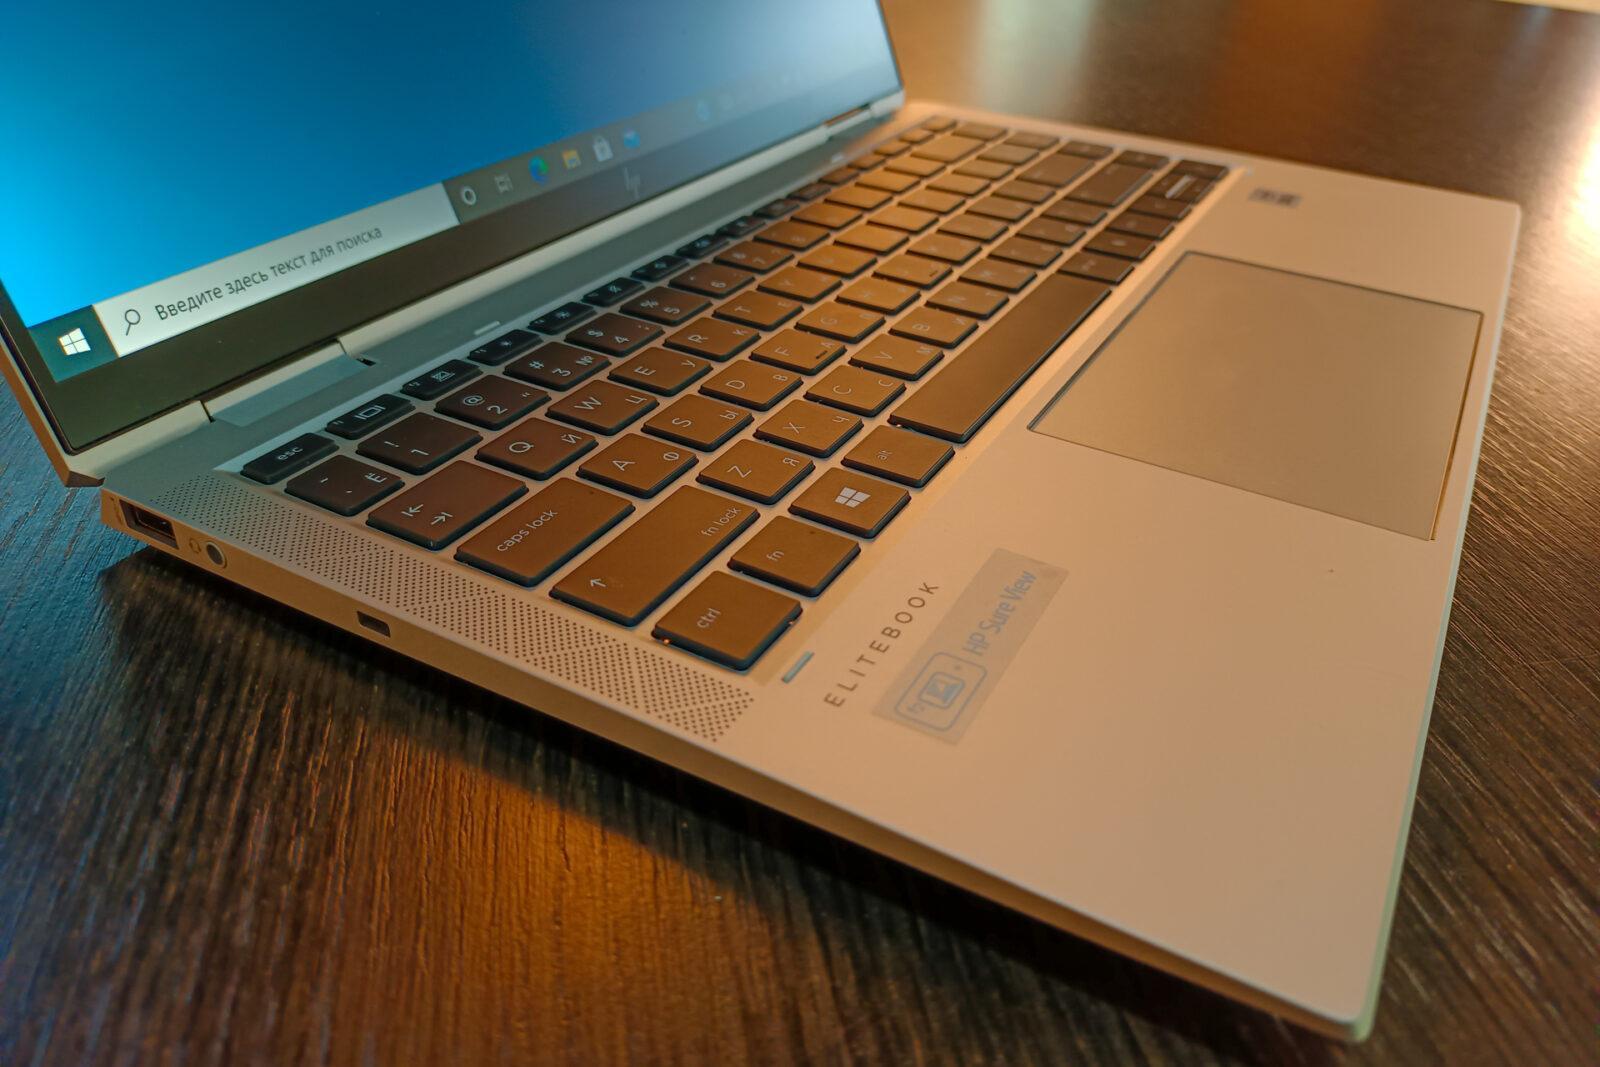 Обзор ноутбука HP EliteBook x360 1040 G7: трансформер для работы и развлечений (hp elitebook 1040 g7 48)